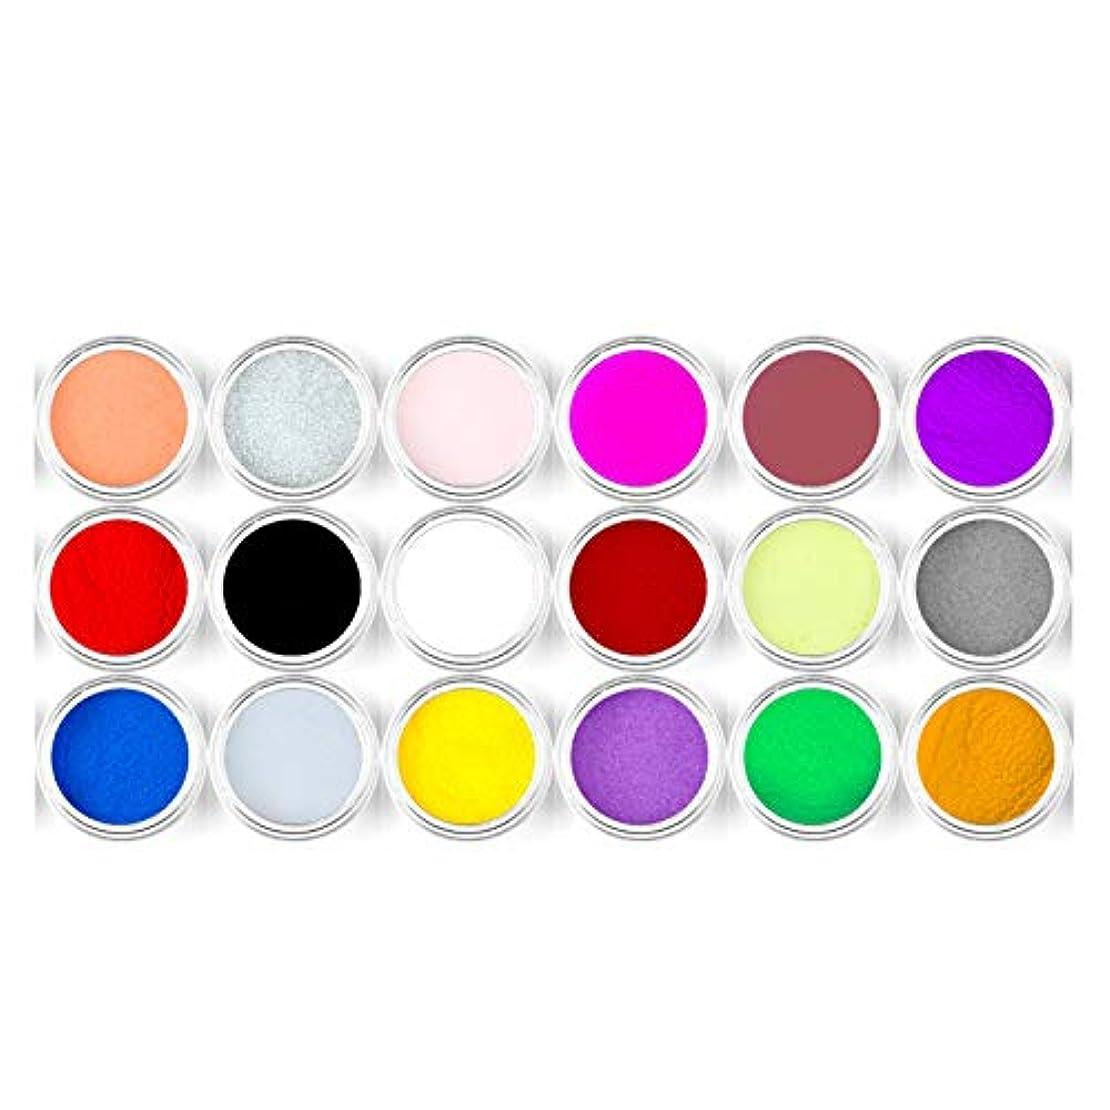 計画的保証金ラバ18色アクリルパウダーネイルアート用ネイルアートパウダースパークルダストアクリルUVパウダーダストカービング彫刻顔料